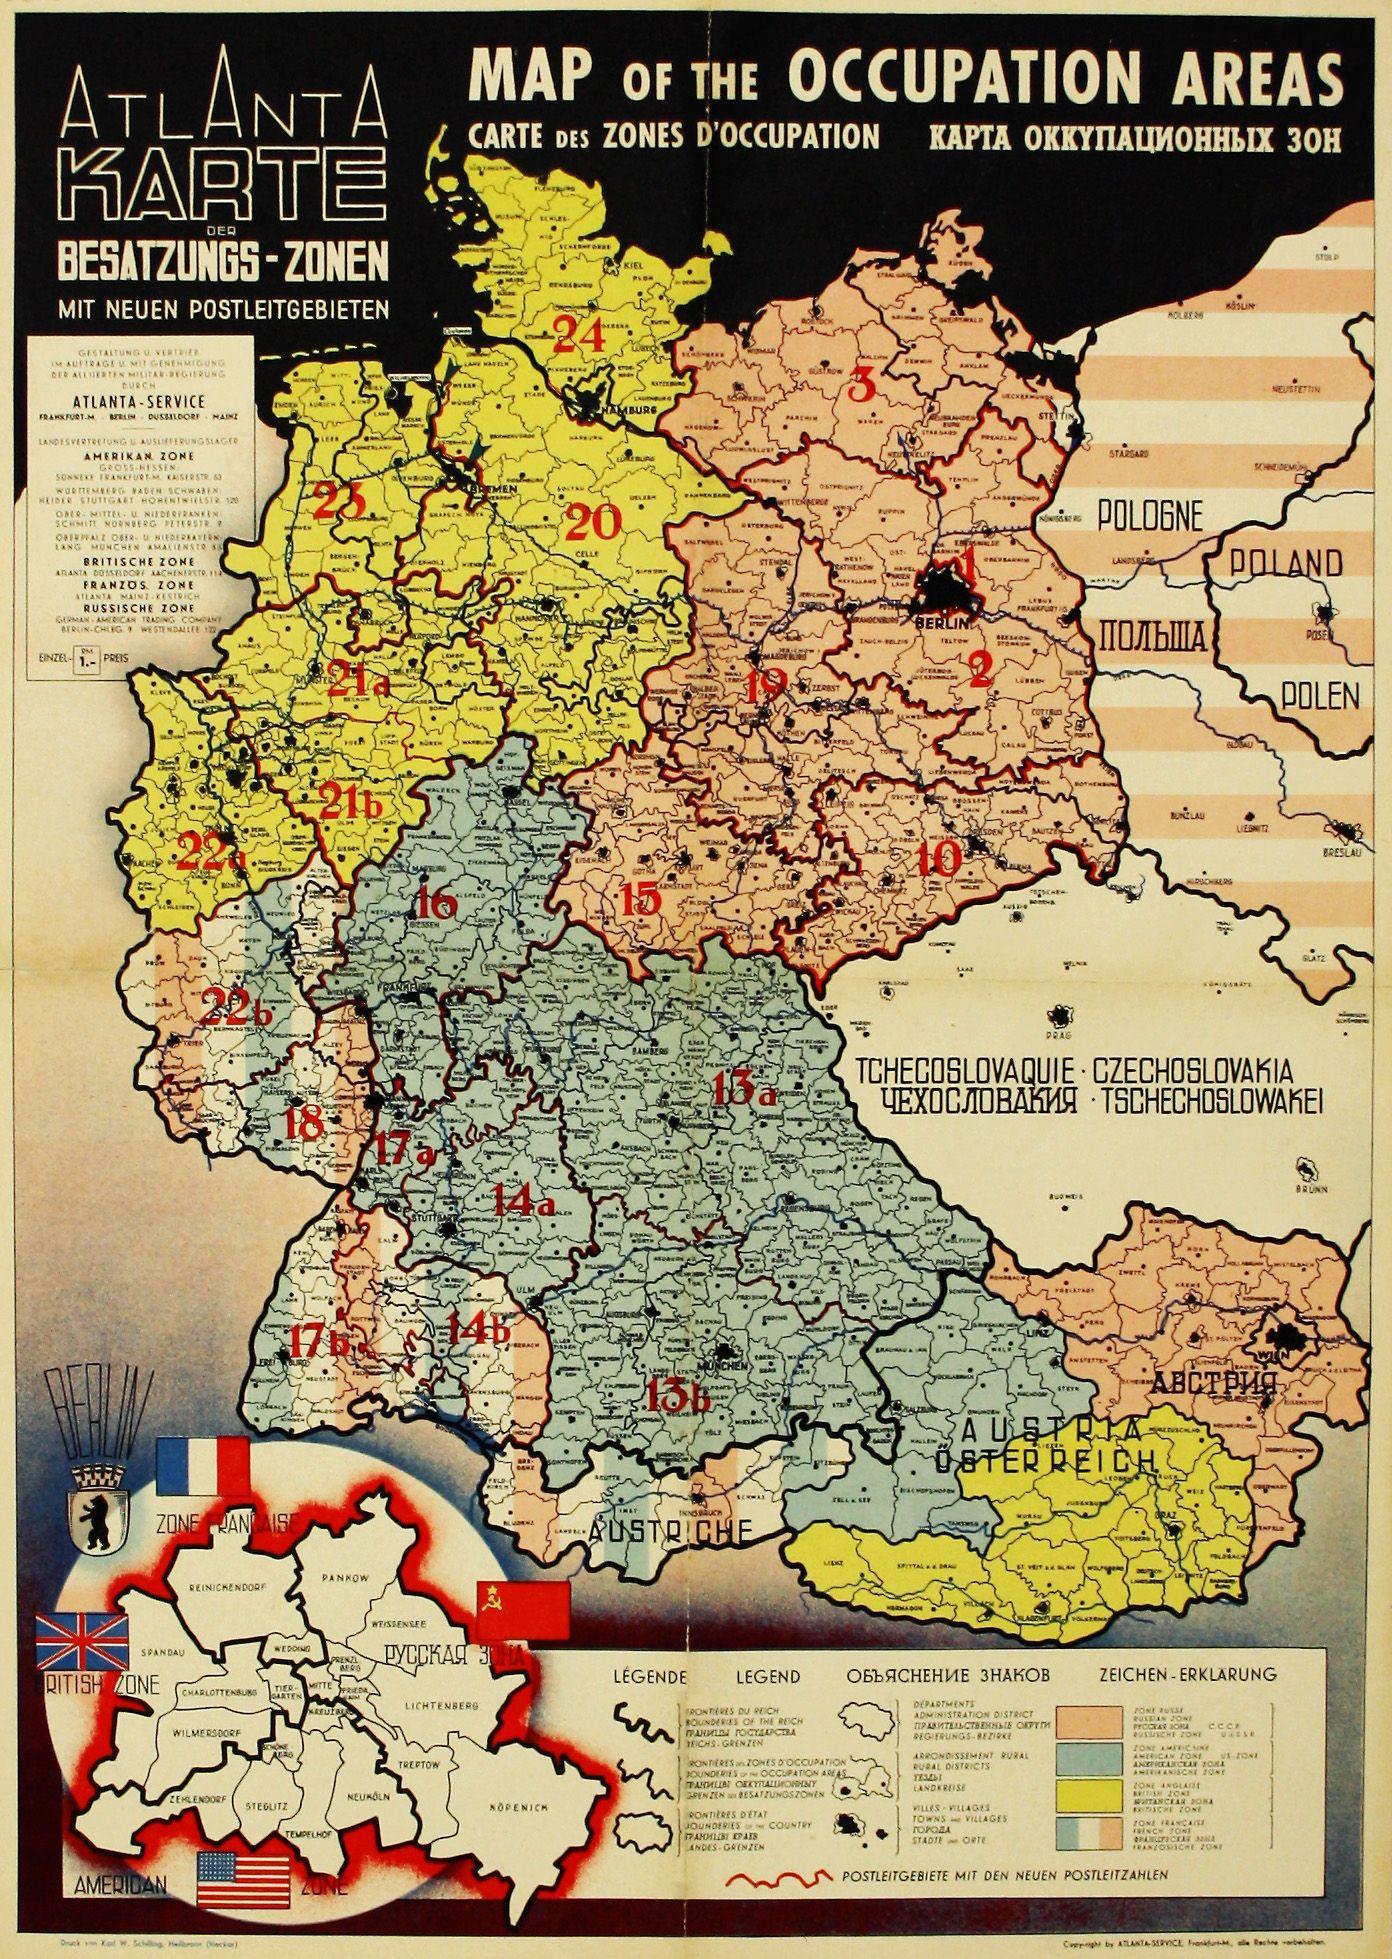 2 Weltkrieg Karte.Deutschland Osterreich Besatzungszonen Nach Dem Zweiten